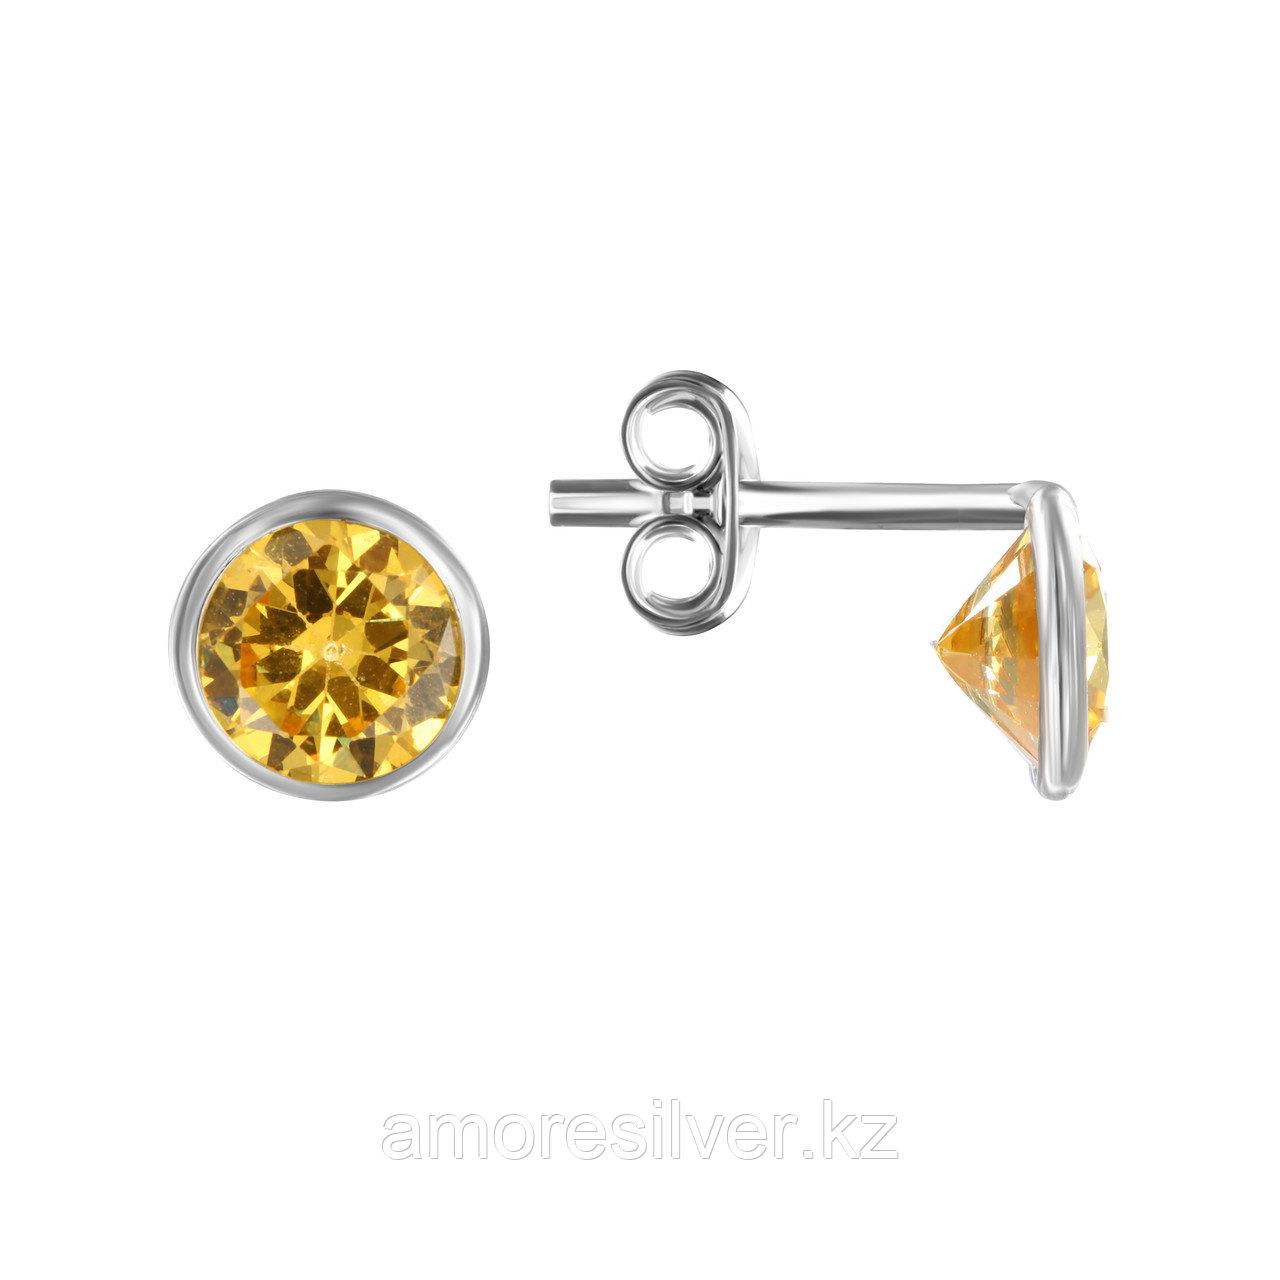 Серьги Аврора-Голд серебро с родием, без вставок с08-1жл